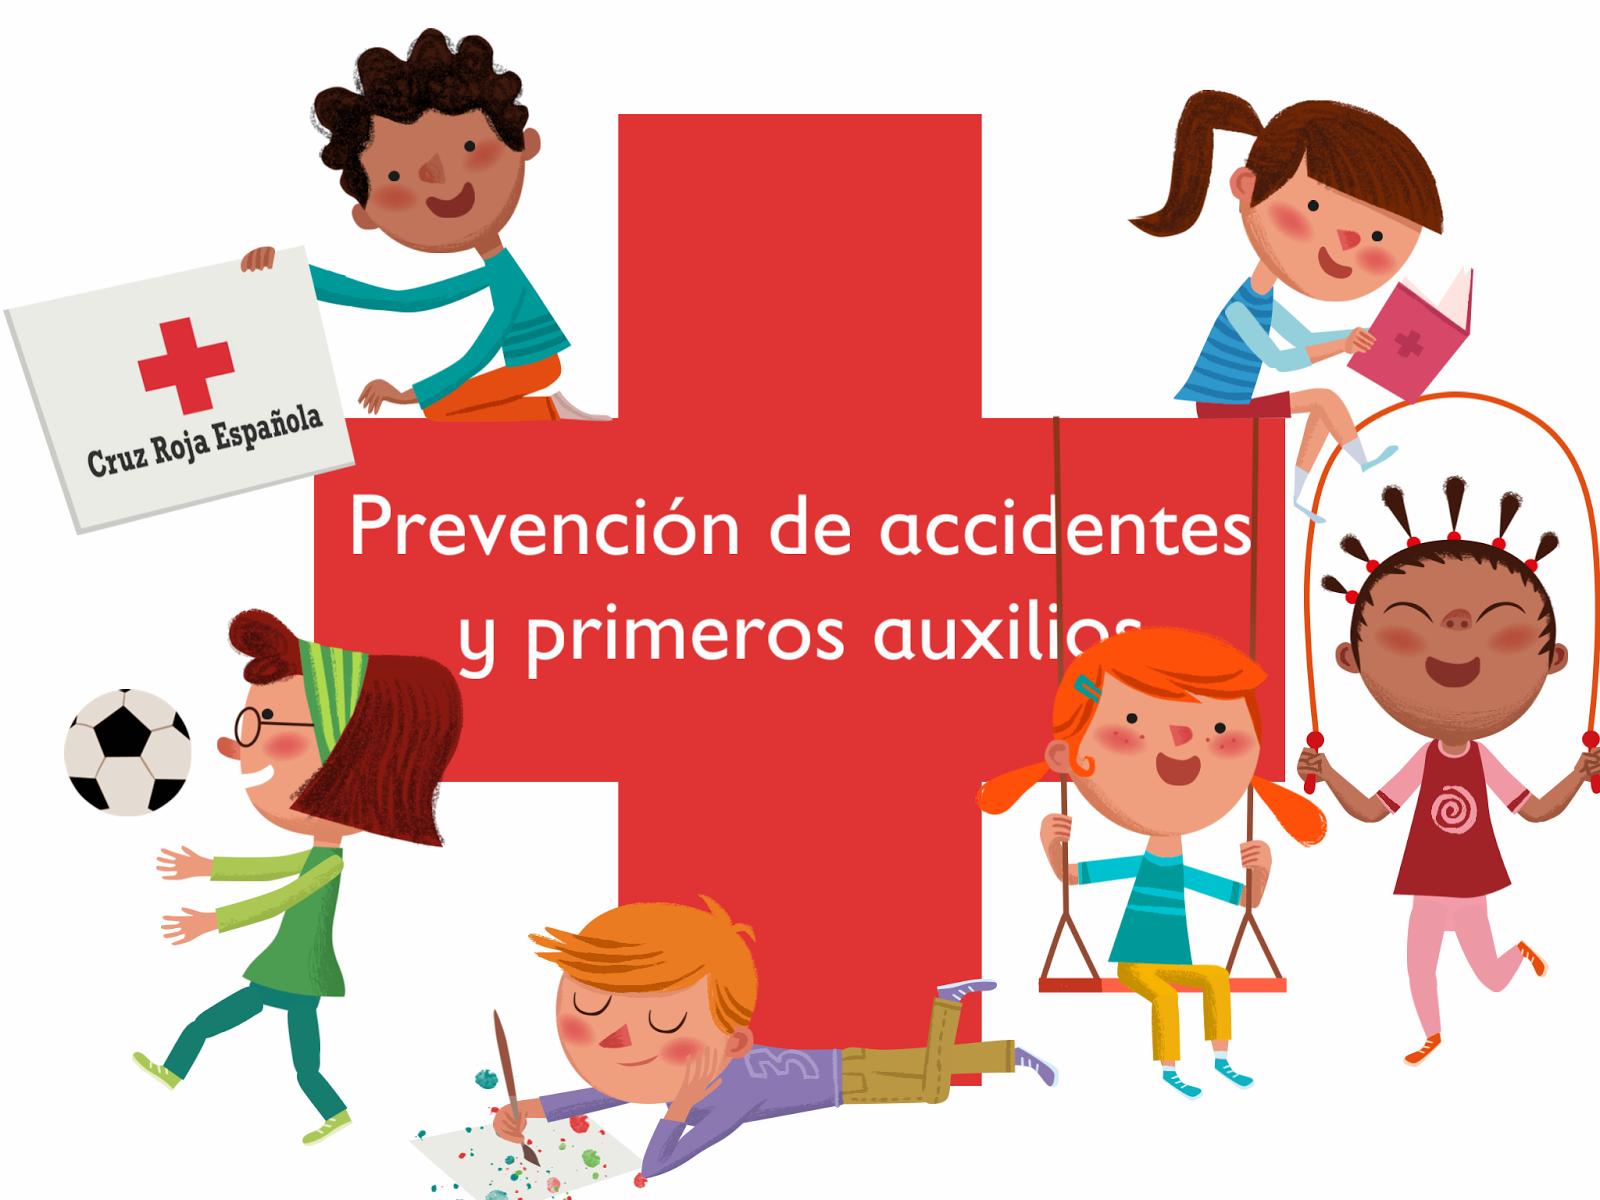 Taller de Prevención de accidentes:23 febrero